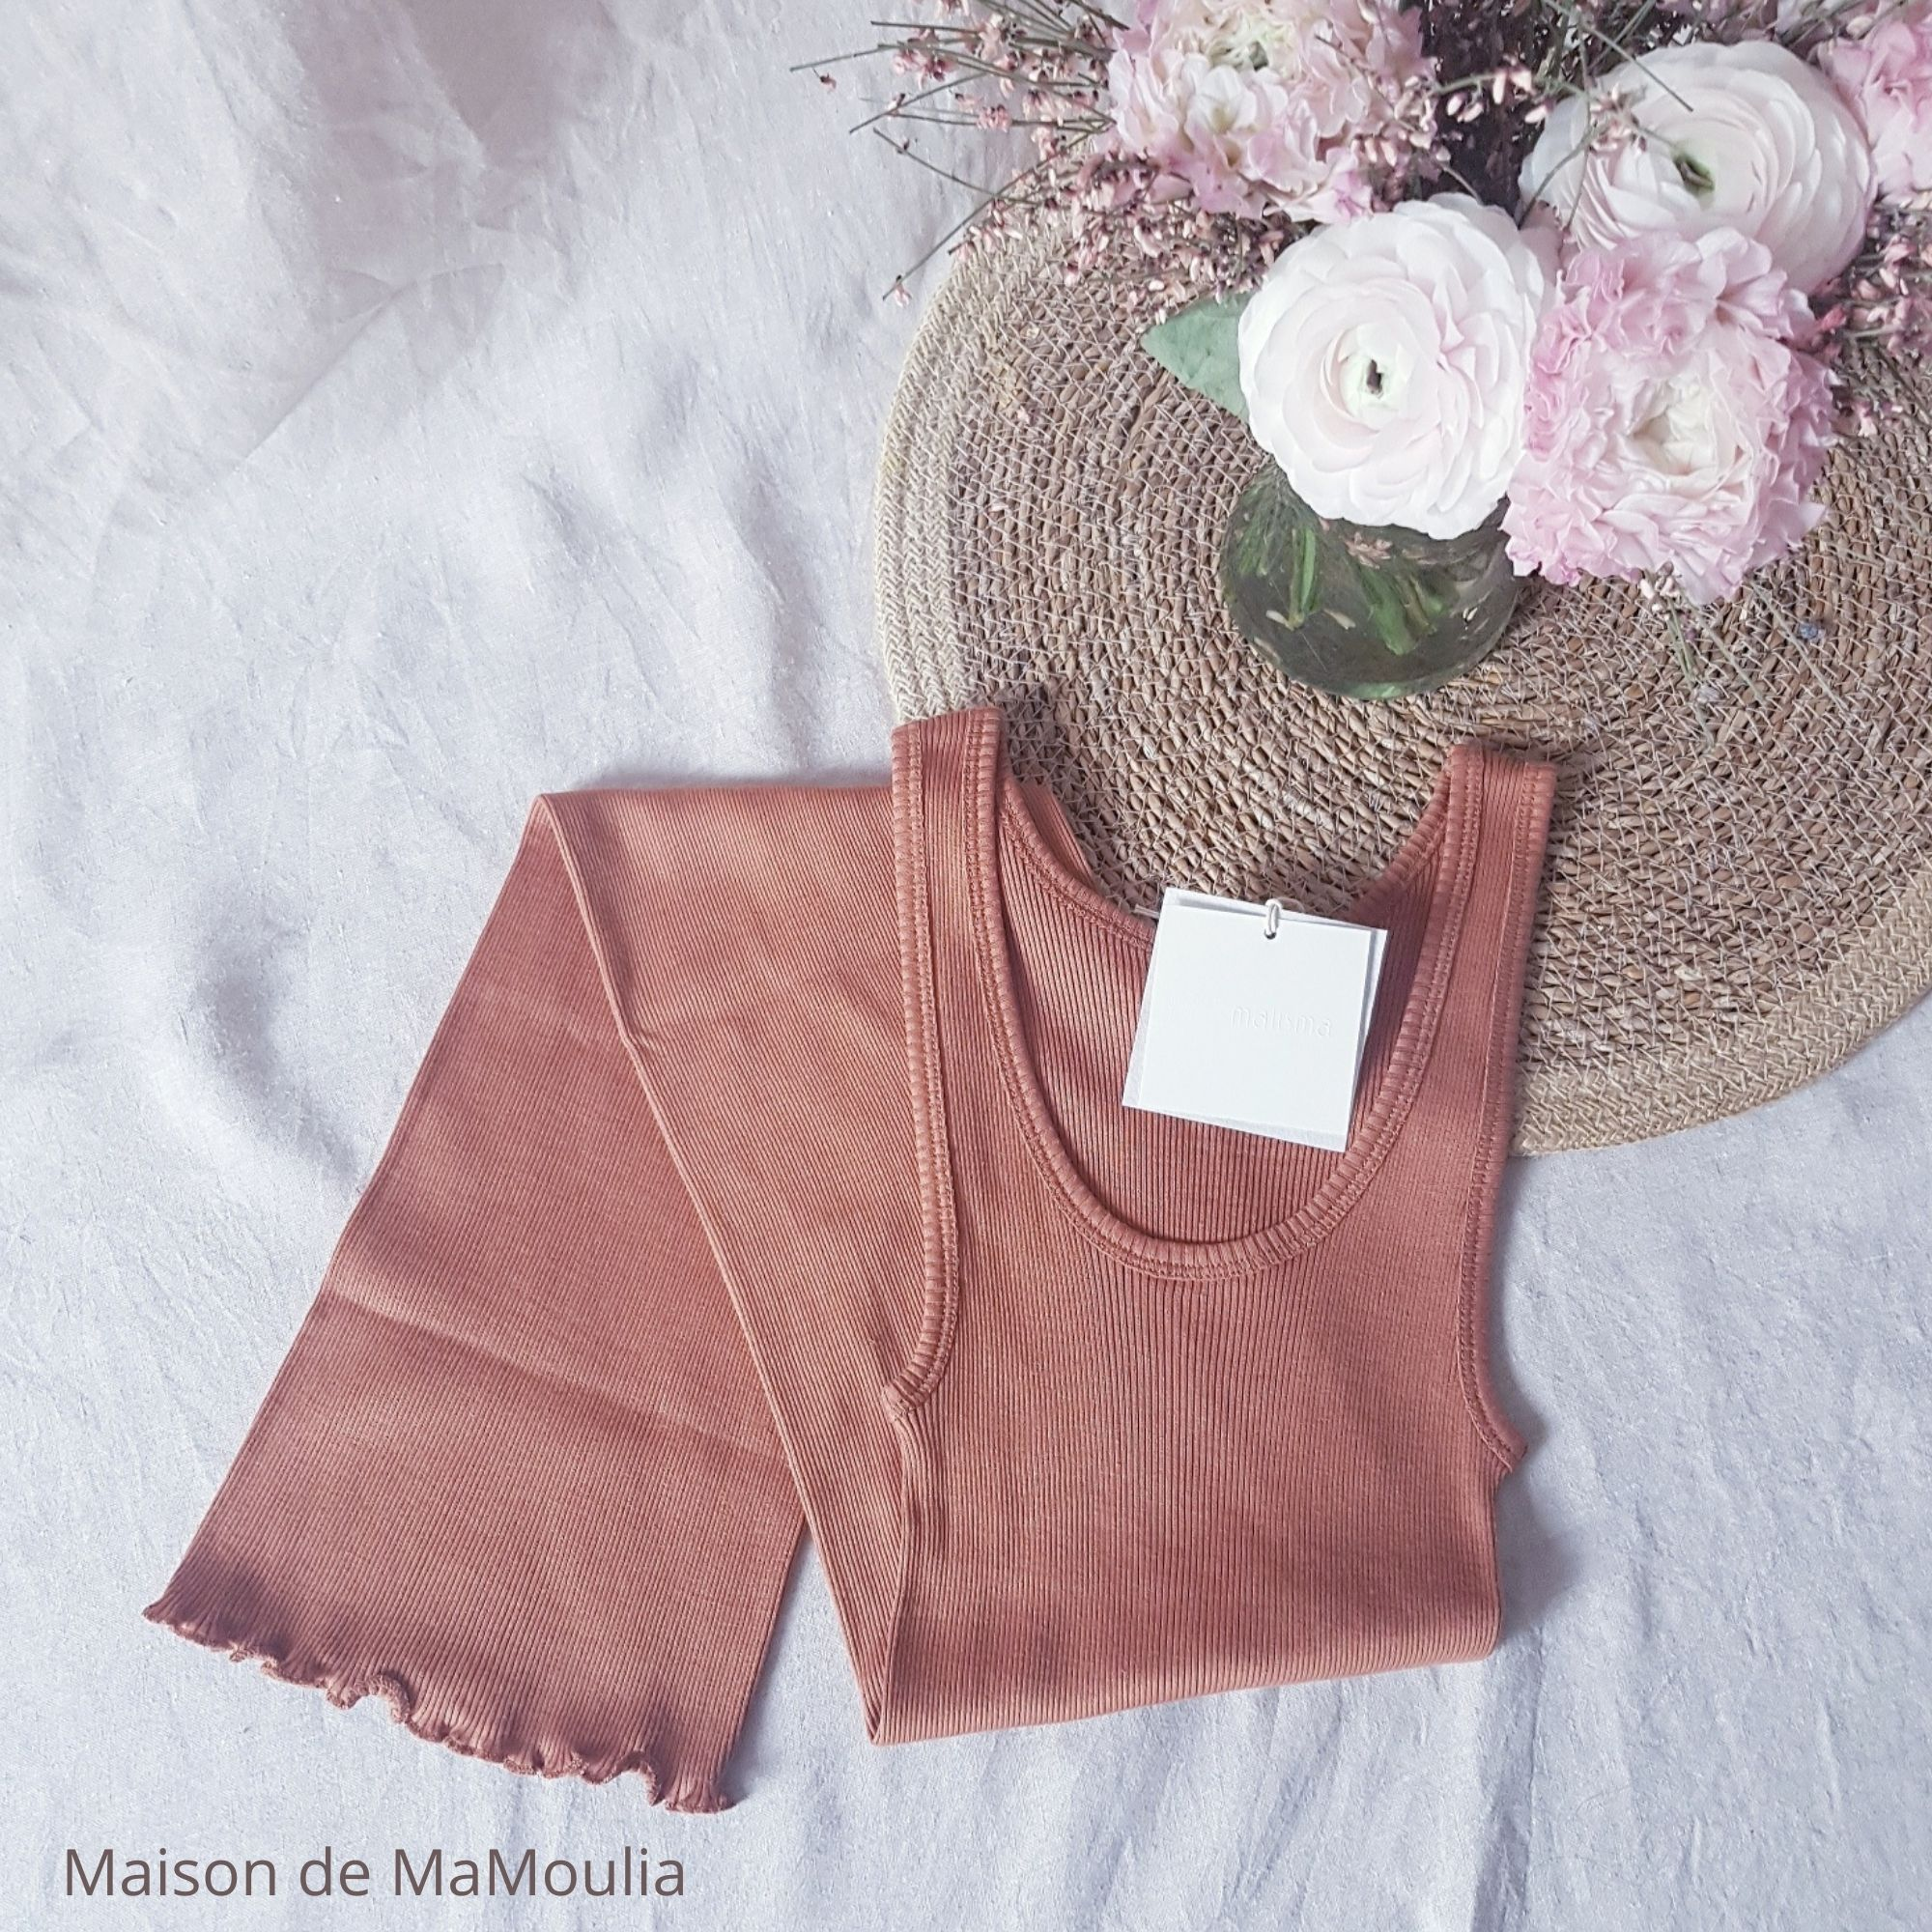 MINIMALISMA - Robe ou débardeur pour femme - Soie 70% / coton 30% - Gry - Rooibos